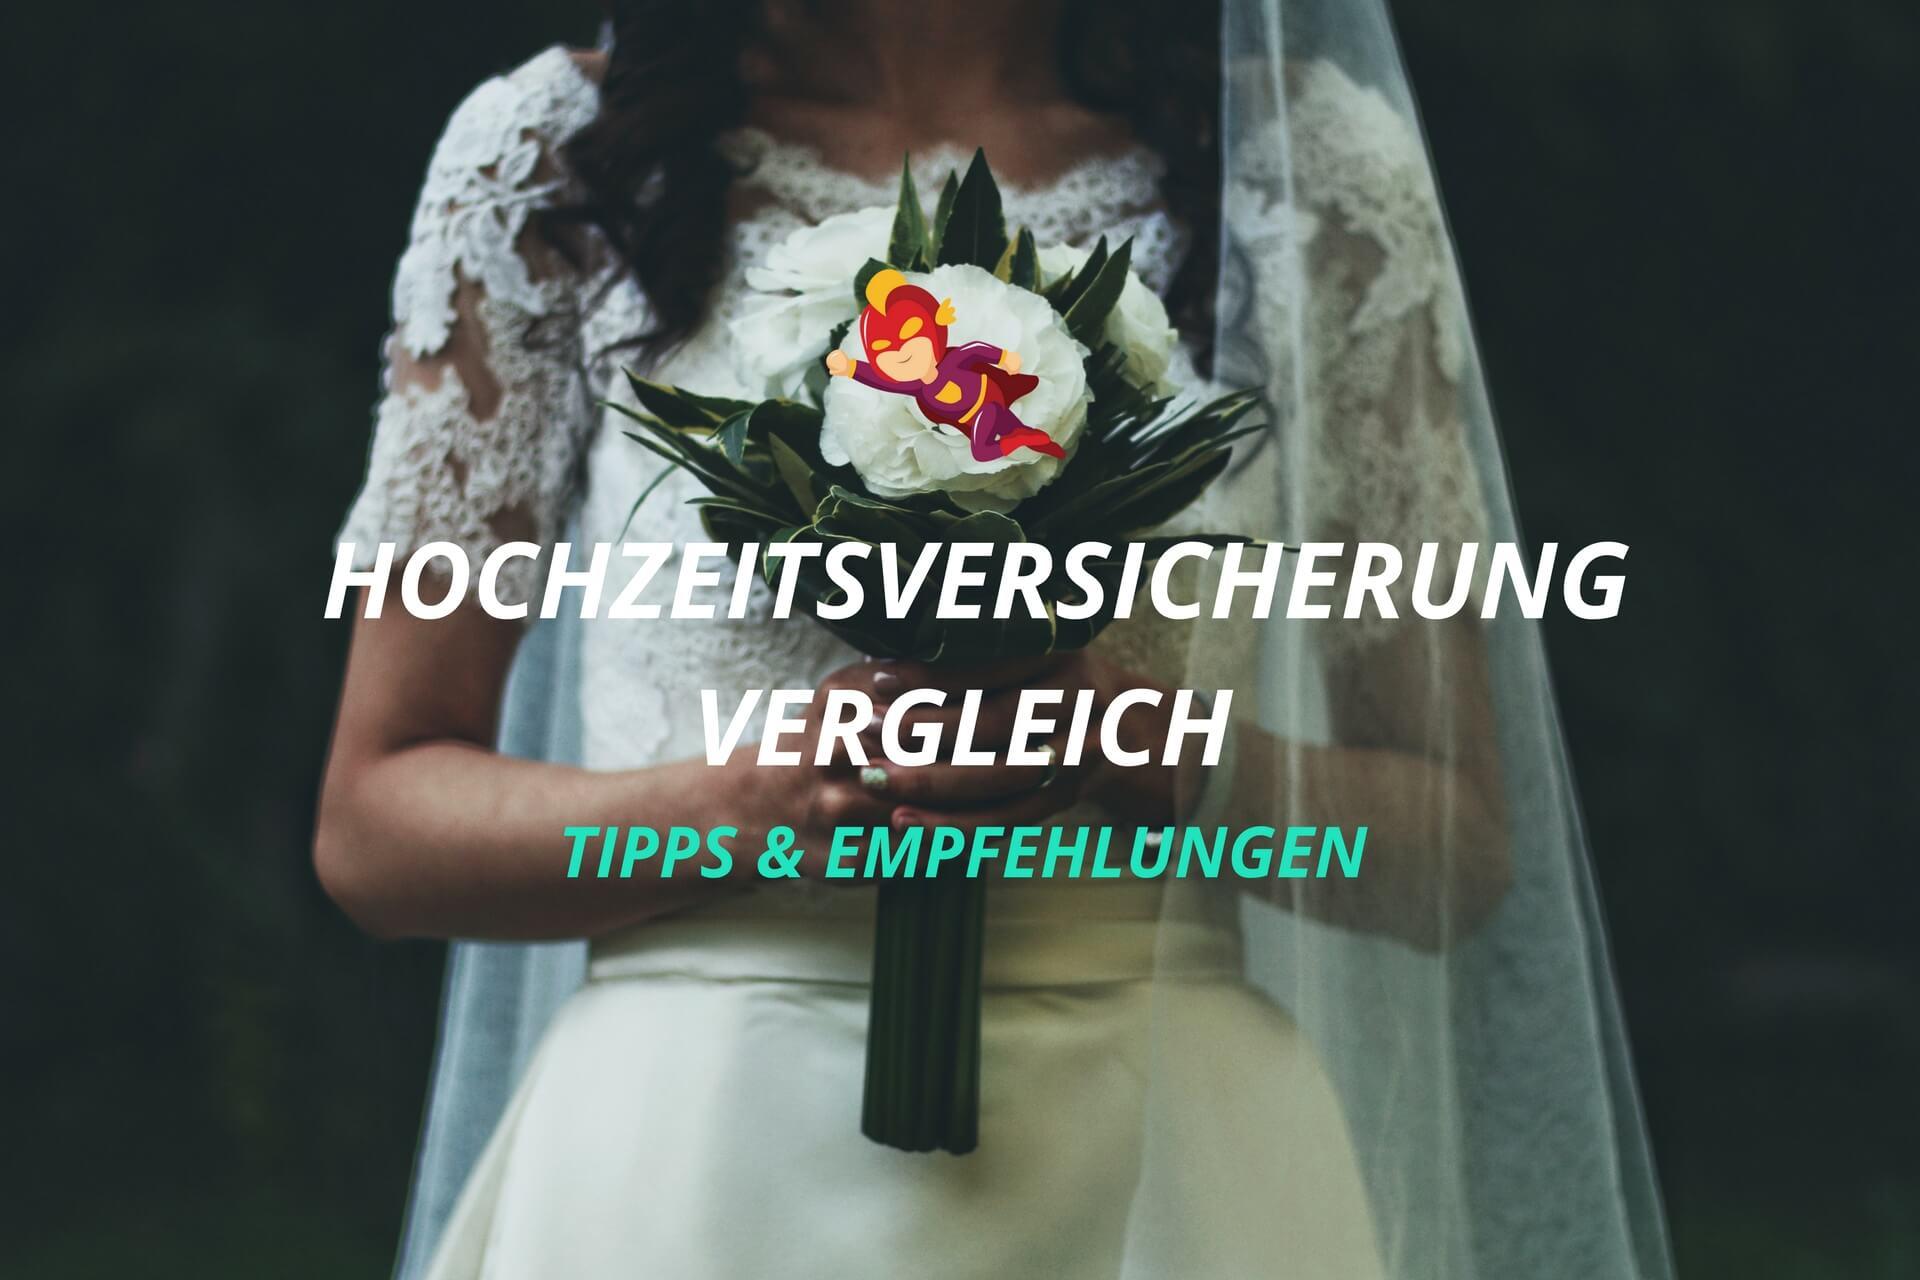 Hochzeitsversicherung Vergleich - Finanzhelden.org